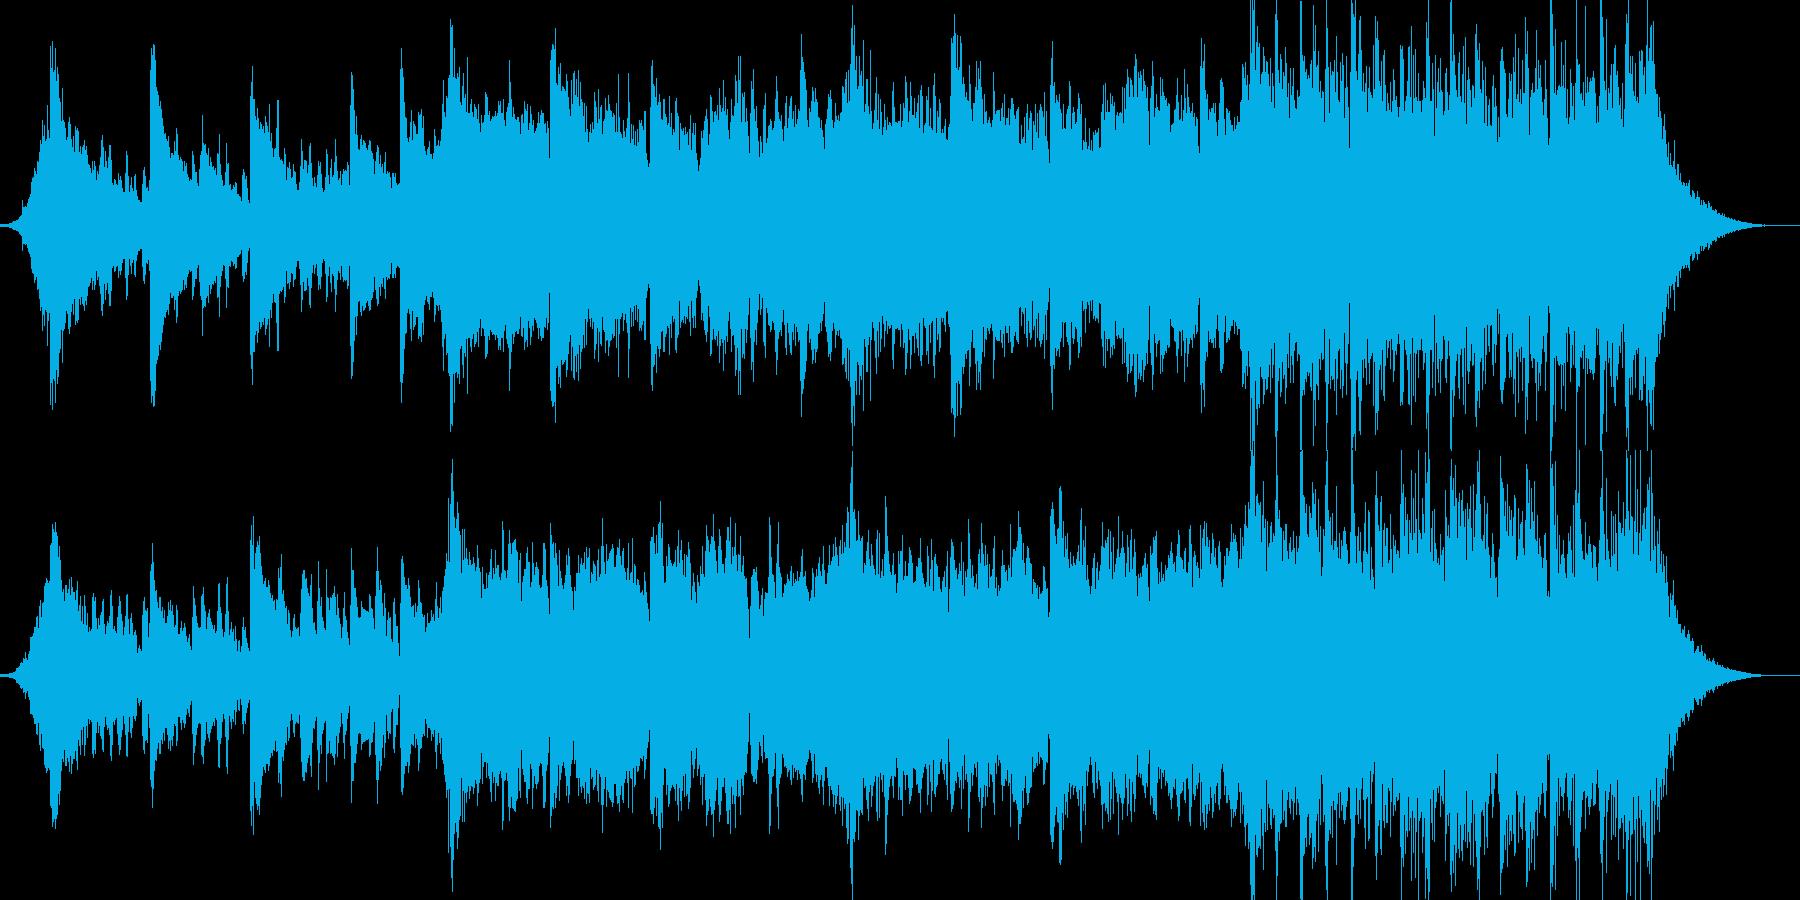 企業VPや映像41、壮大、オーケストラbの再生済みの波形